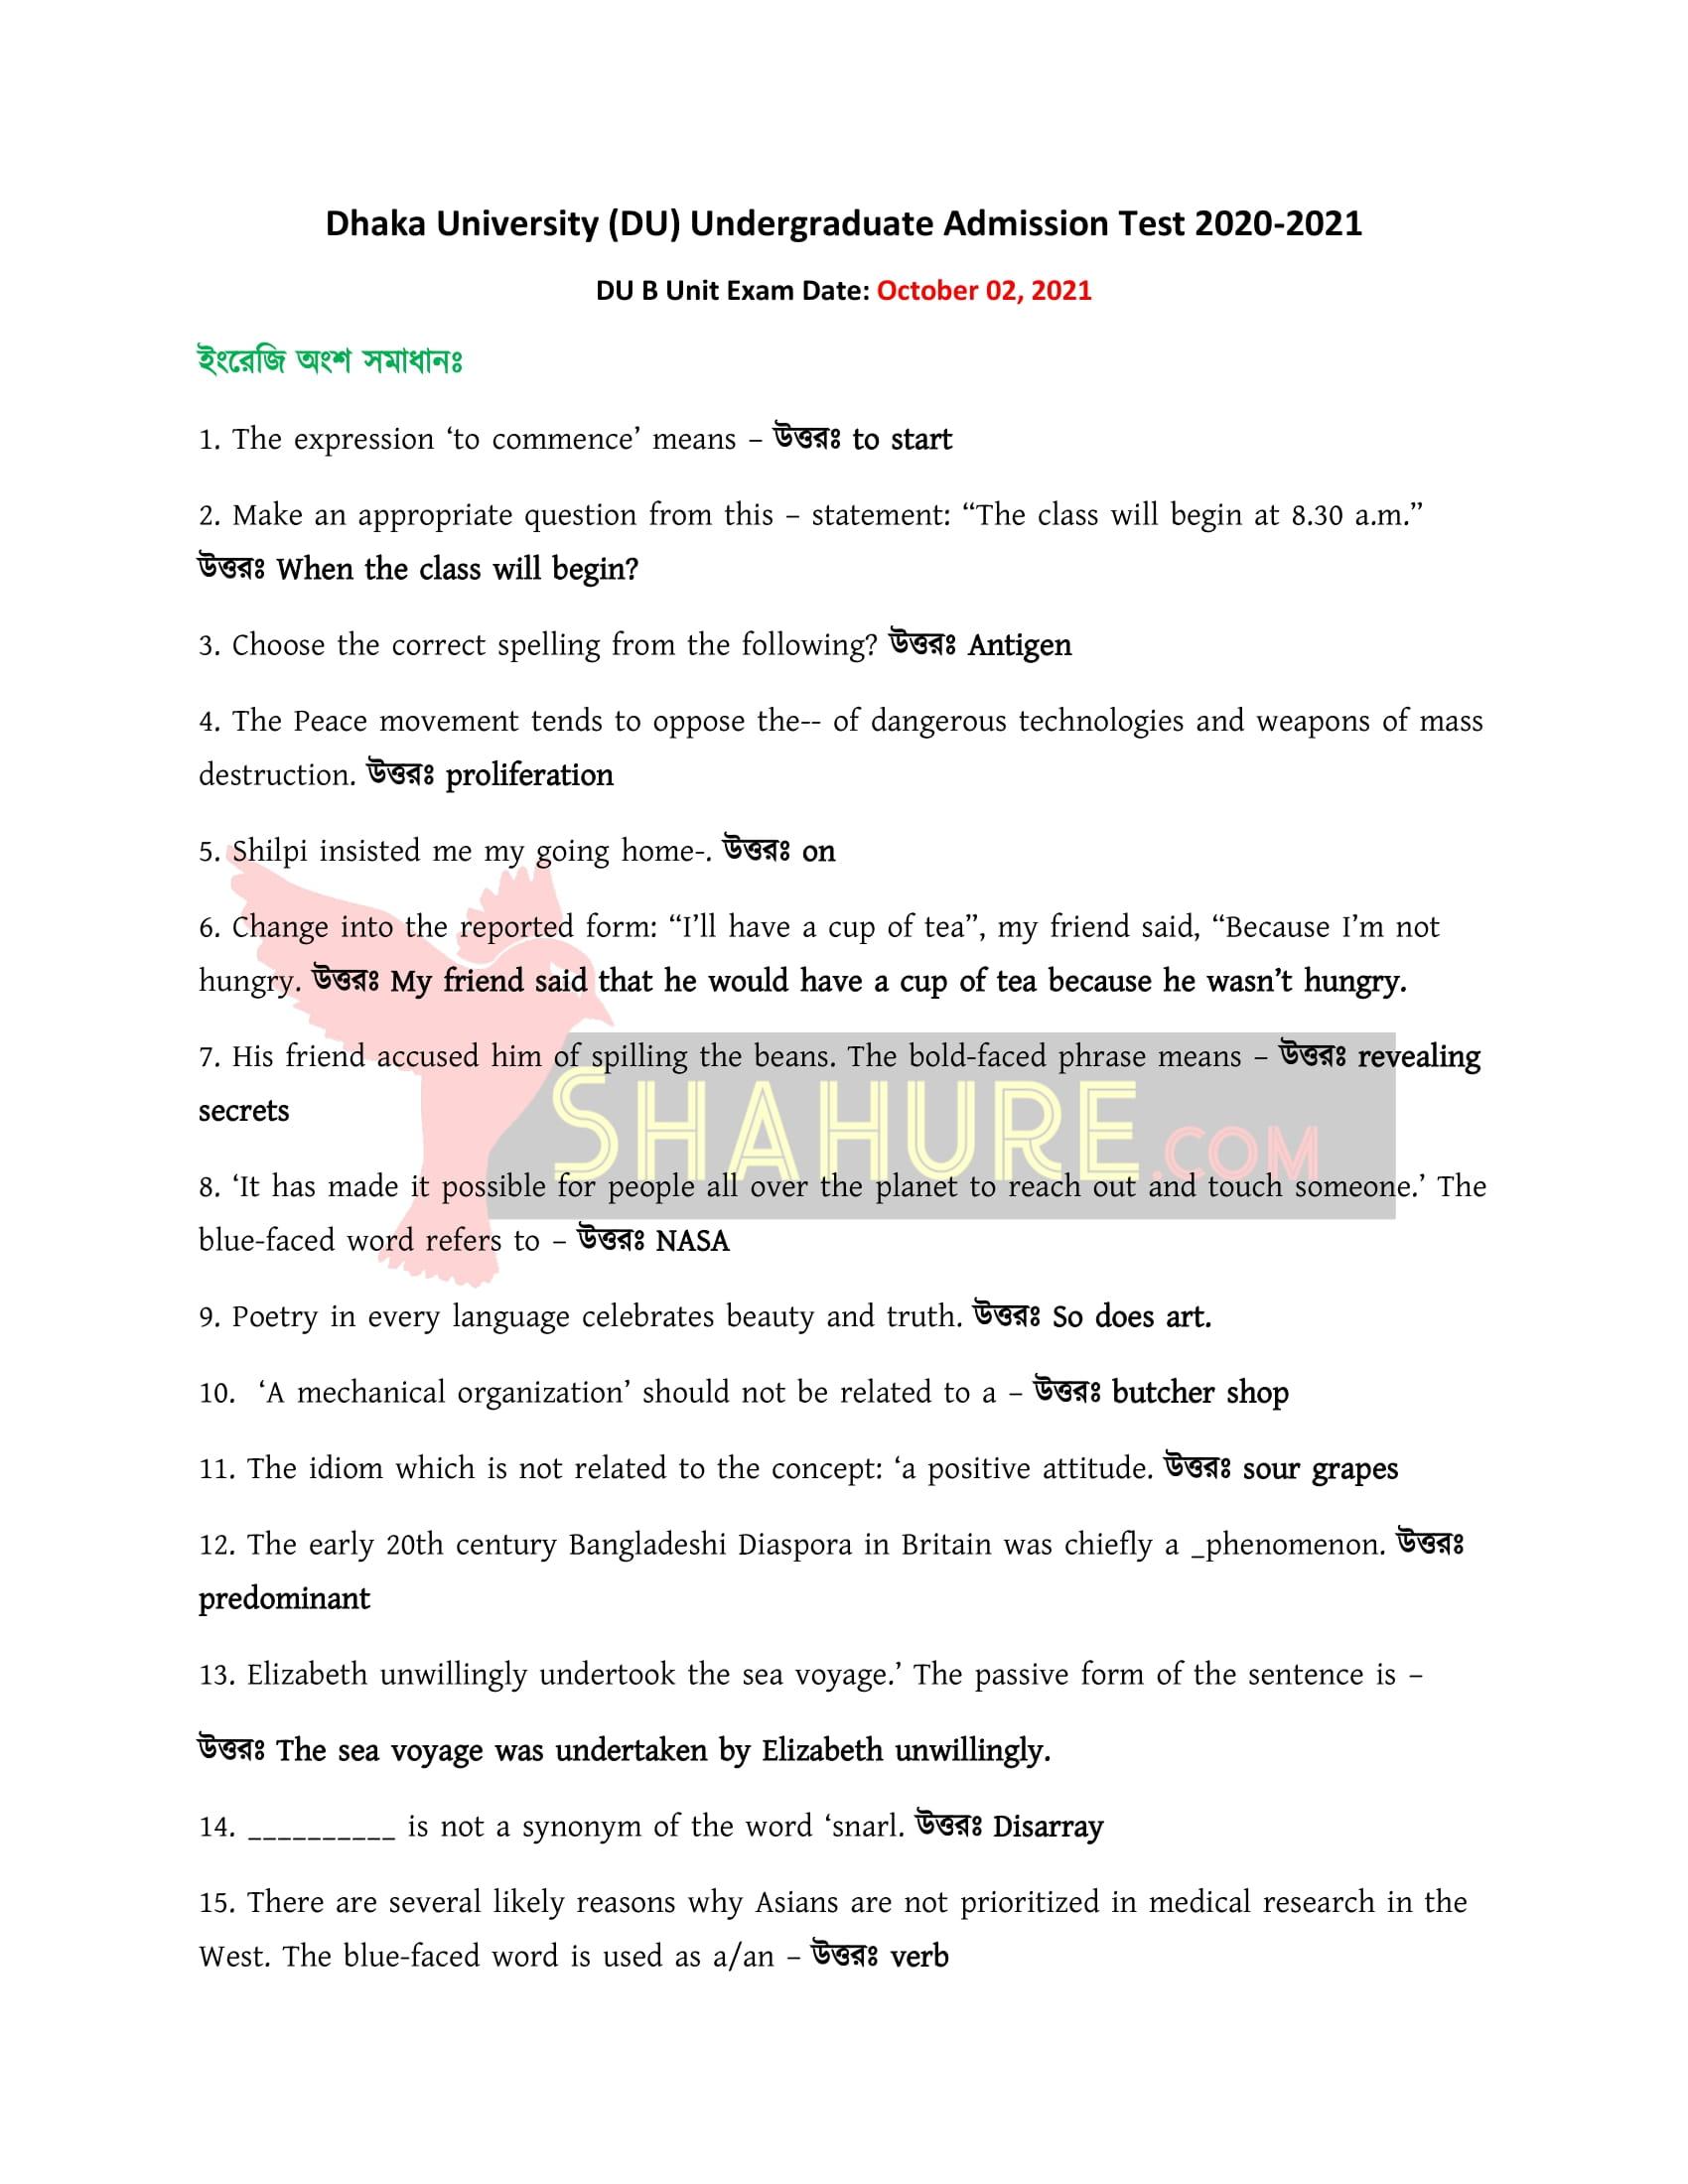 DU B Unit English Part Question Solution 2021